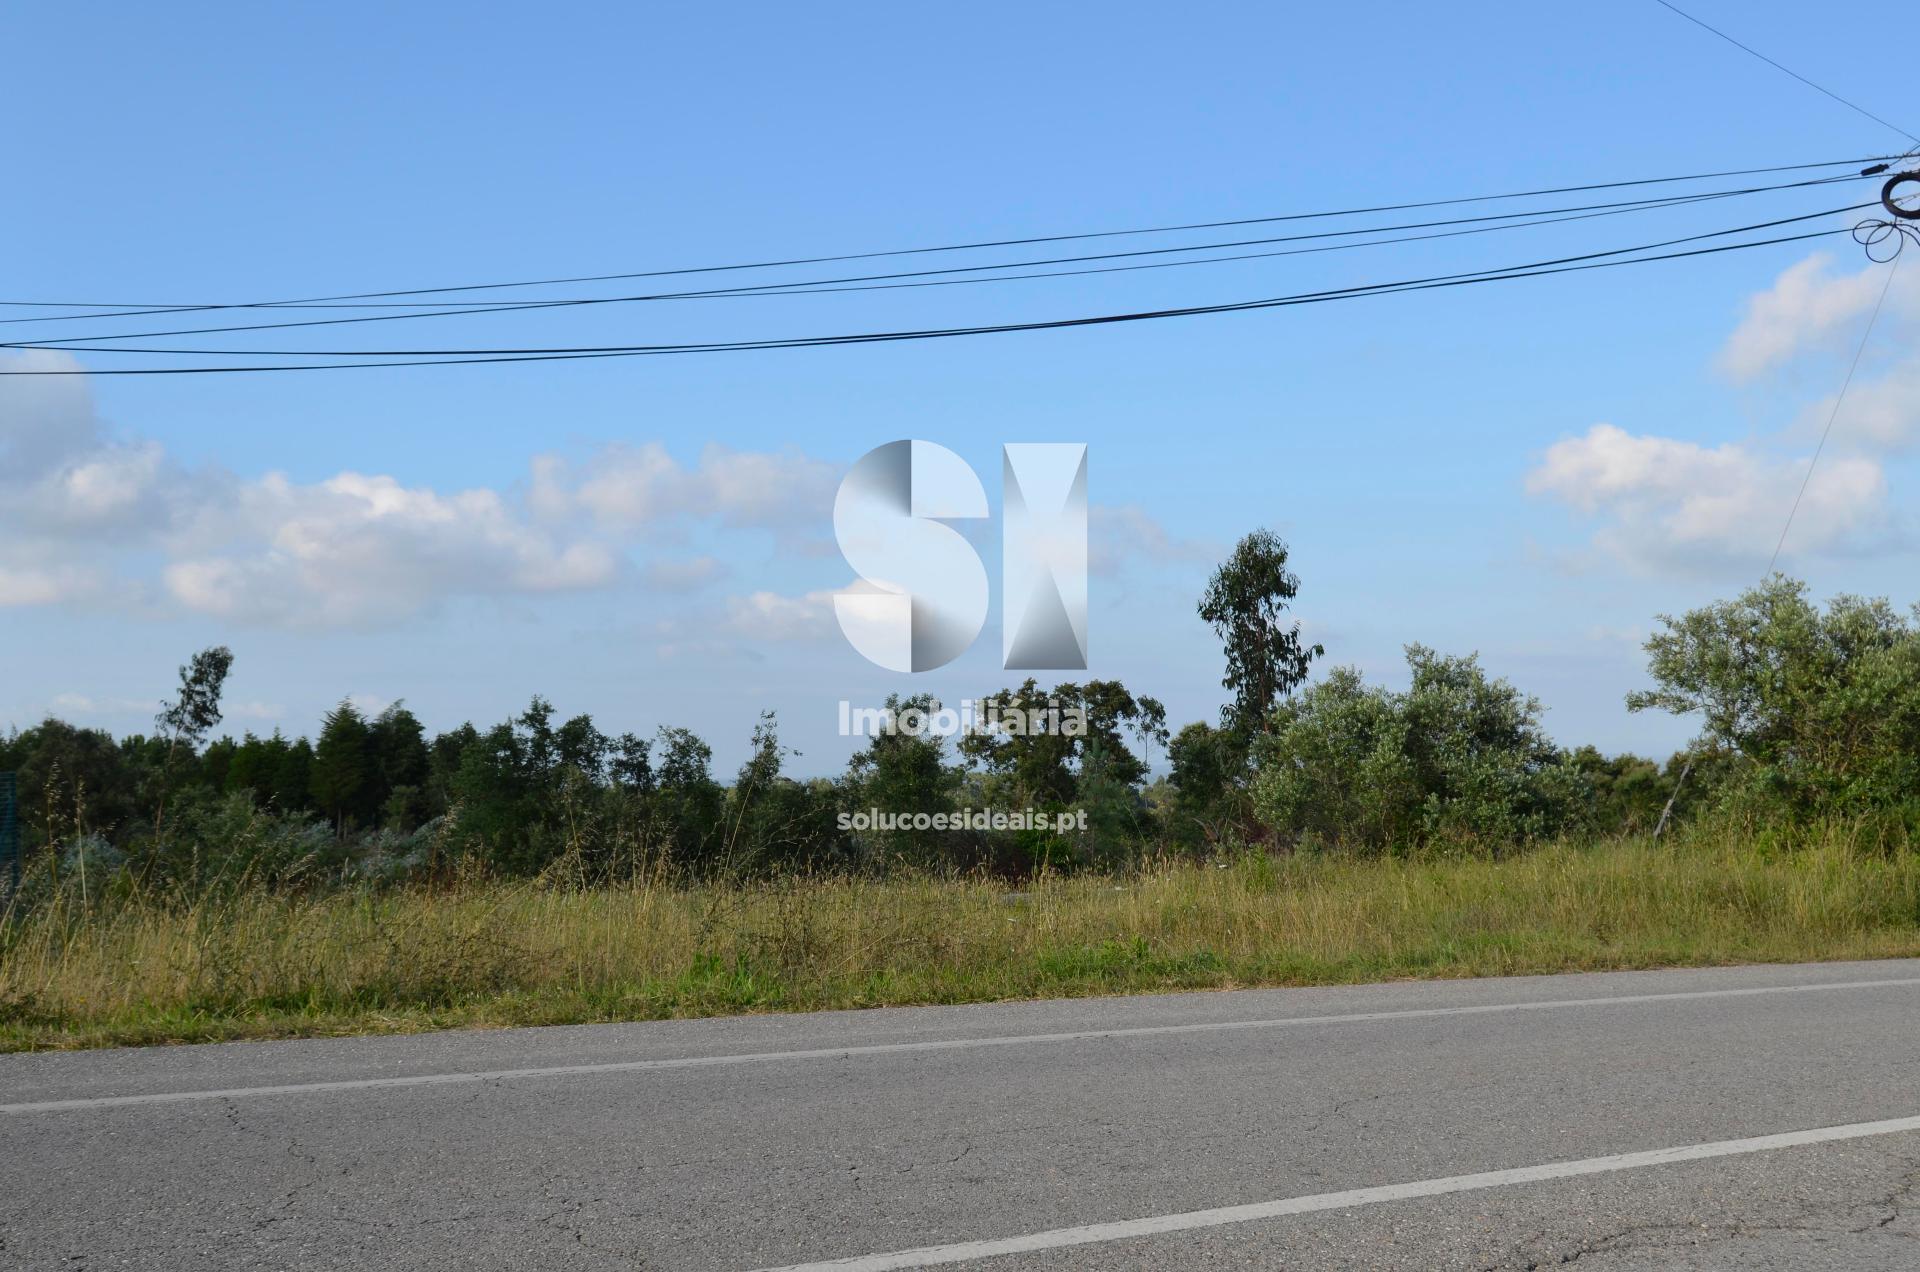 terreno para compra em figueira da foz maiorca maiorca FIGAME2480_2